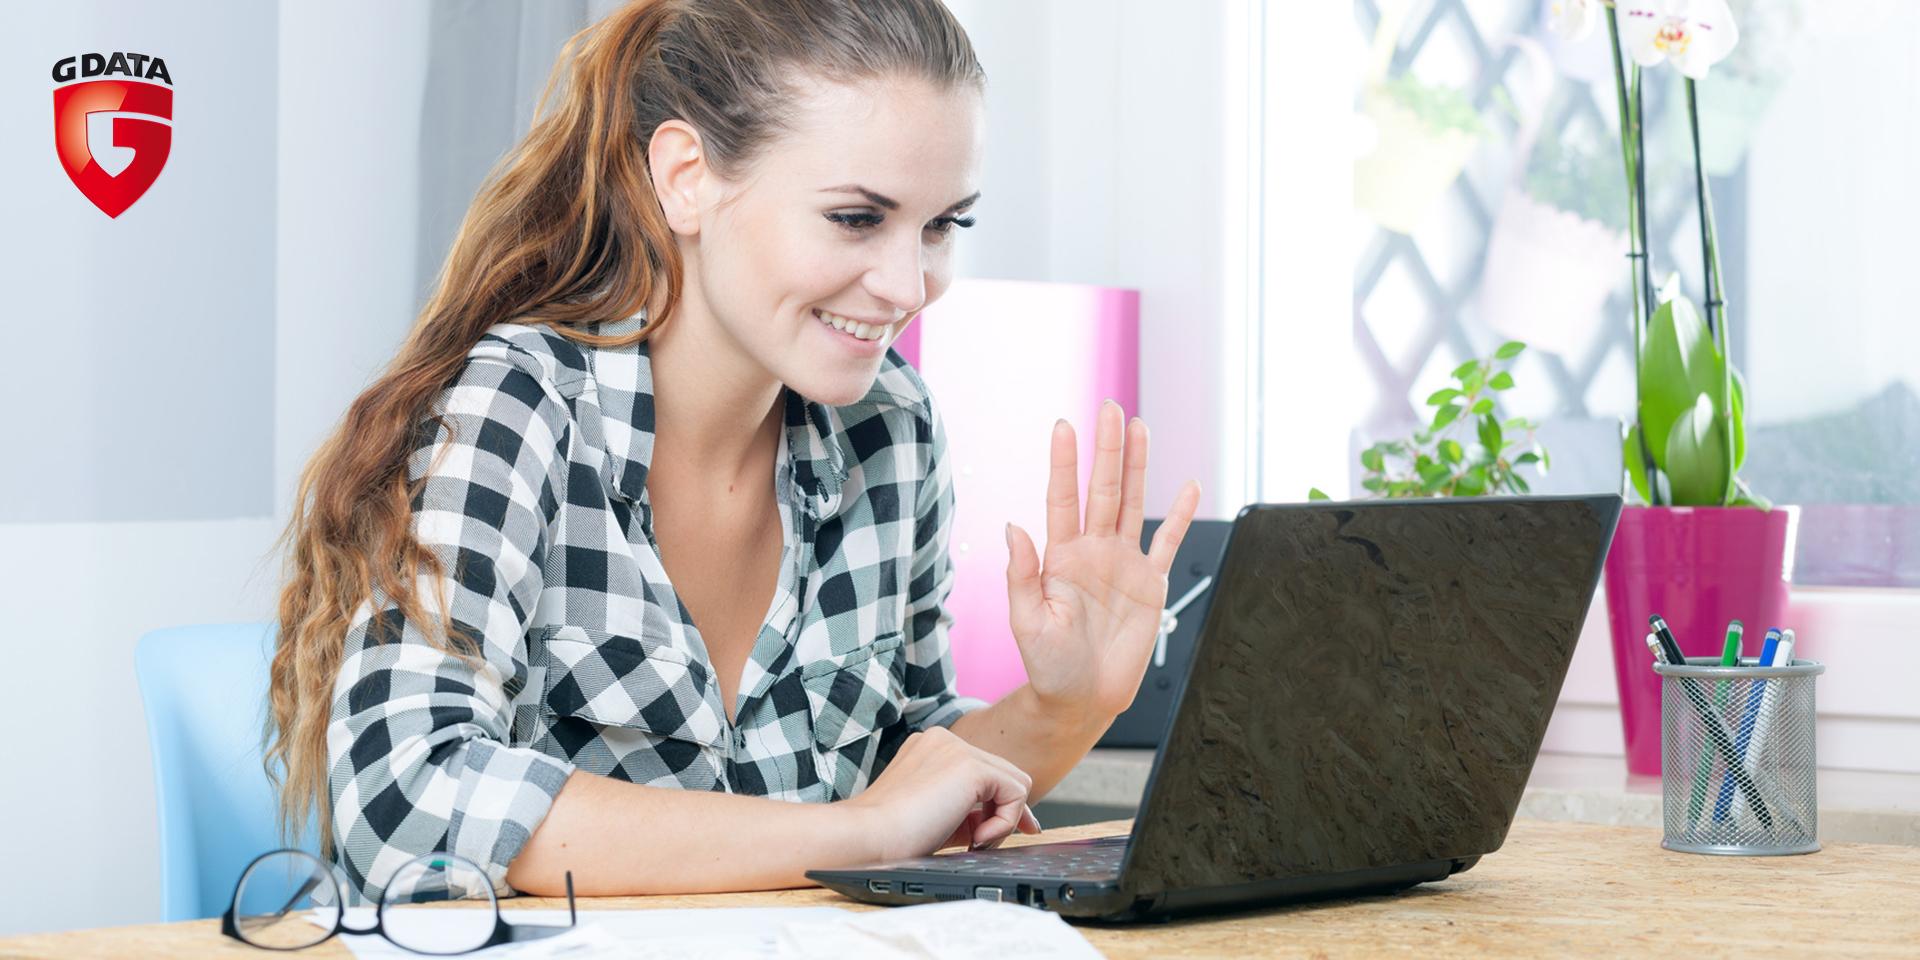 Kobieta-przy-laptopie_Gdata-na-bloga